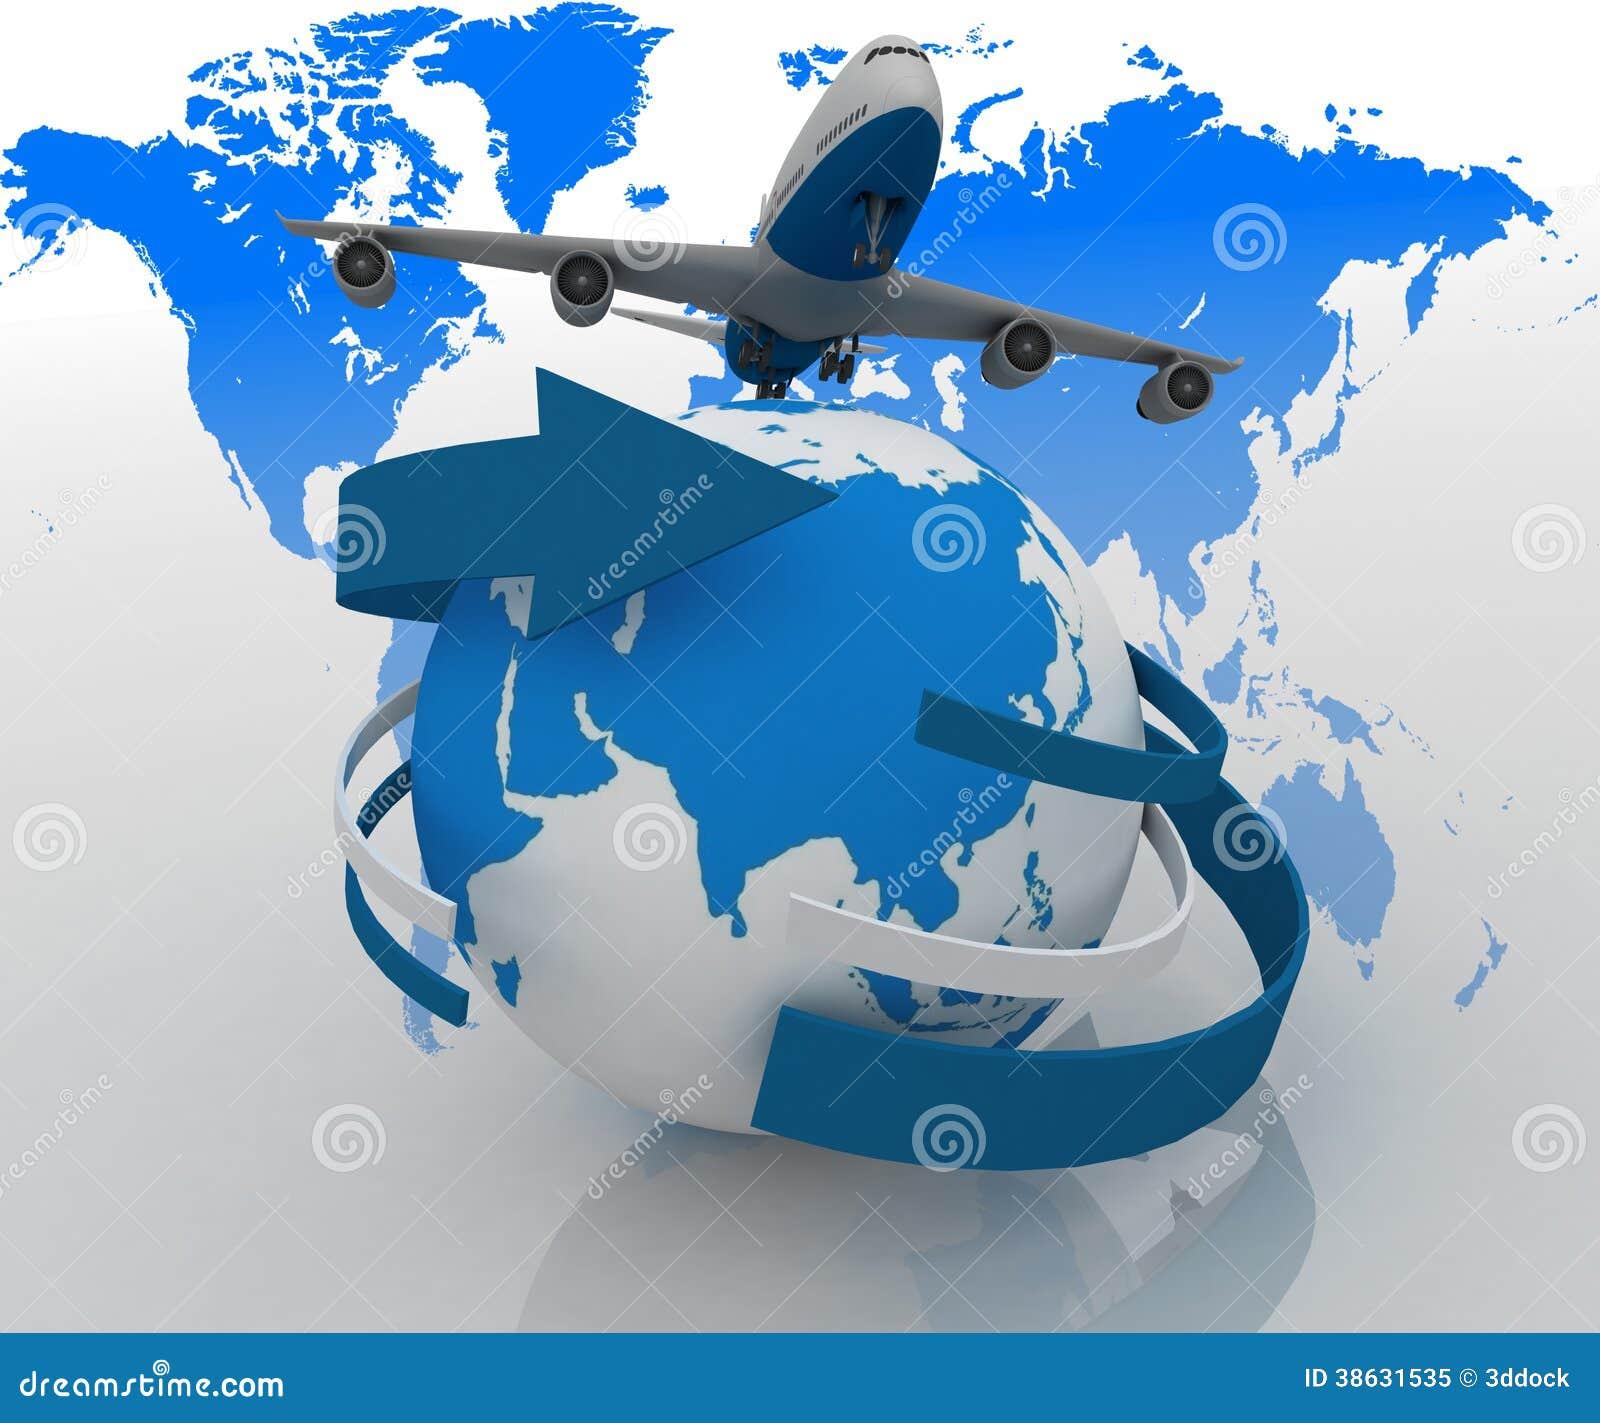 L 39 avion voyage autour du monde illustration stock image - Decoration voyage autour du monde ...